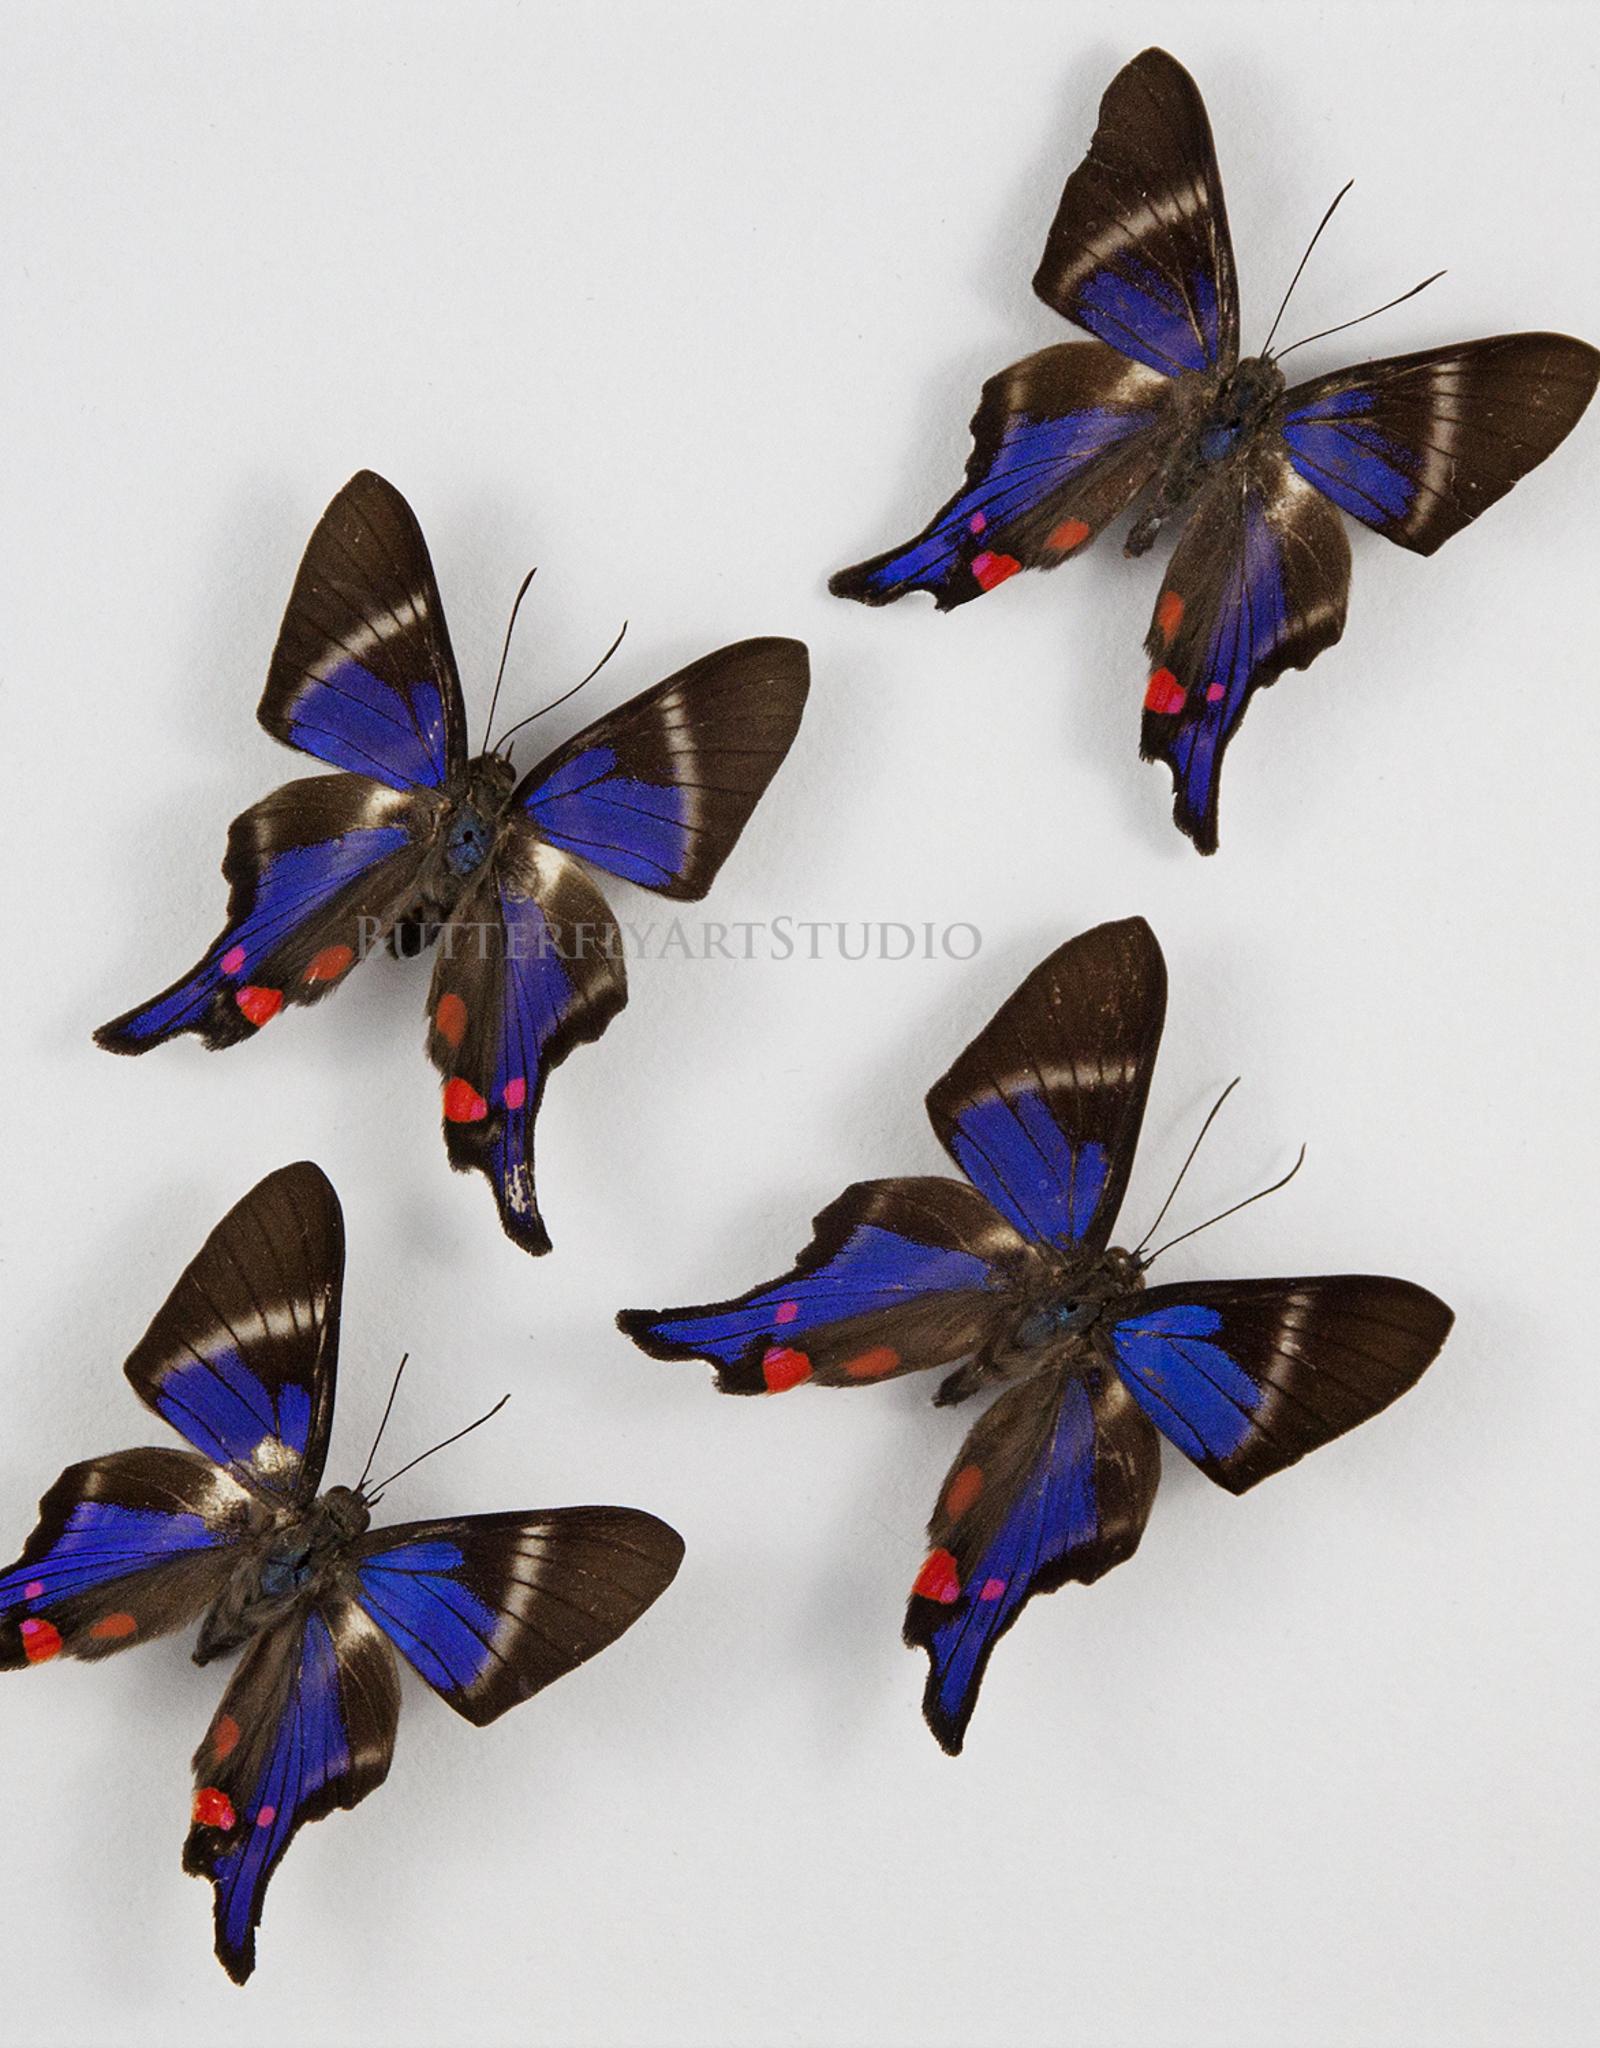 Rhetus periander M A1 Peru